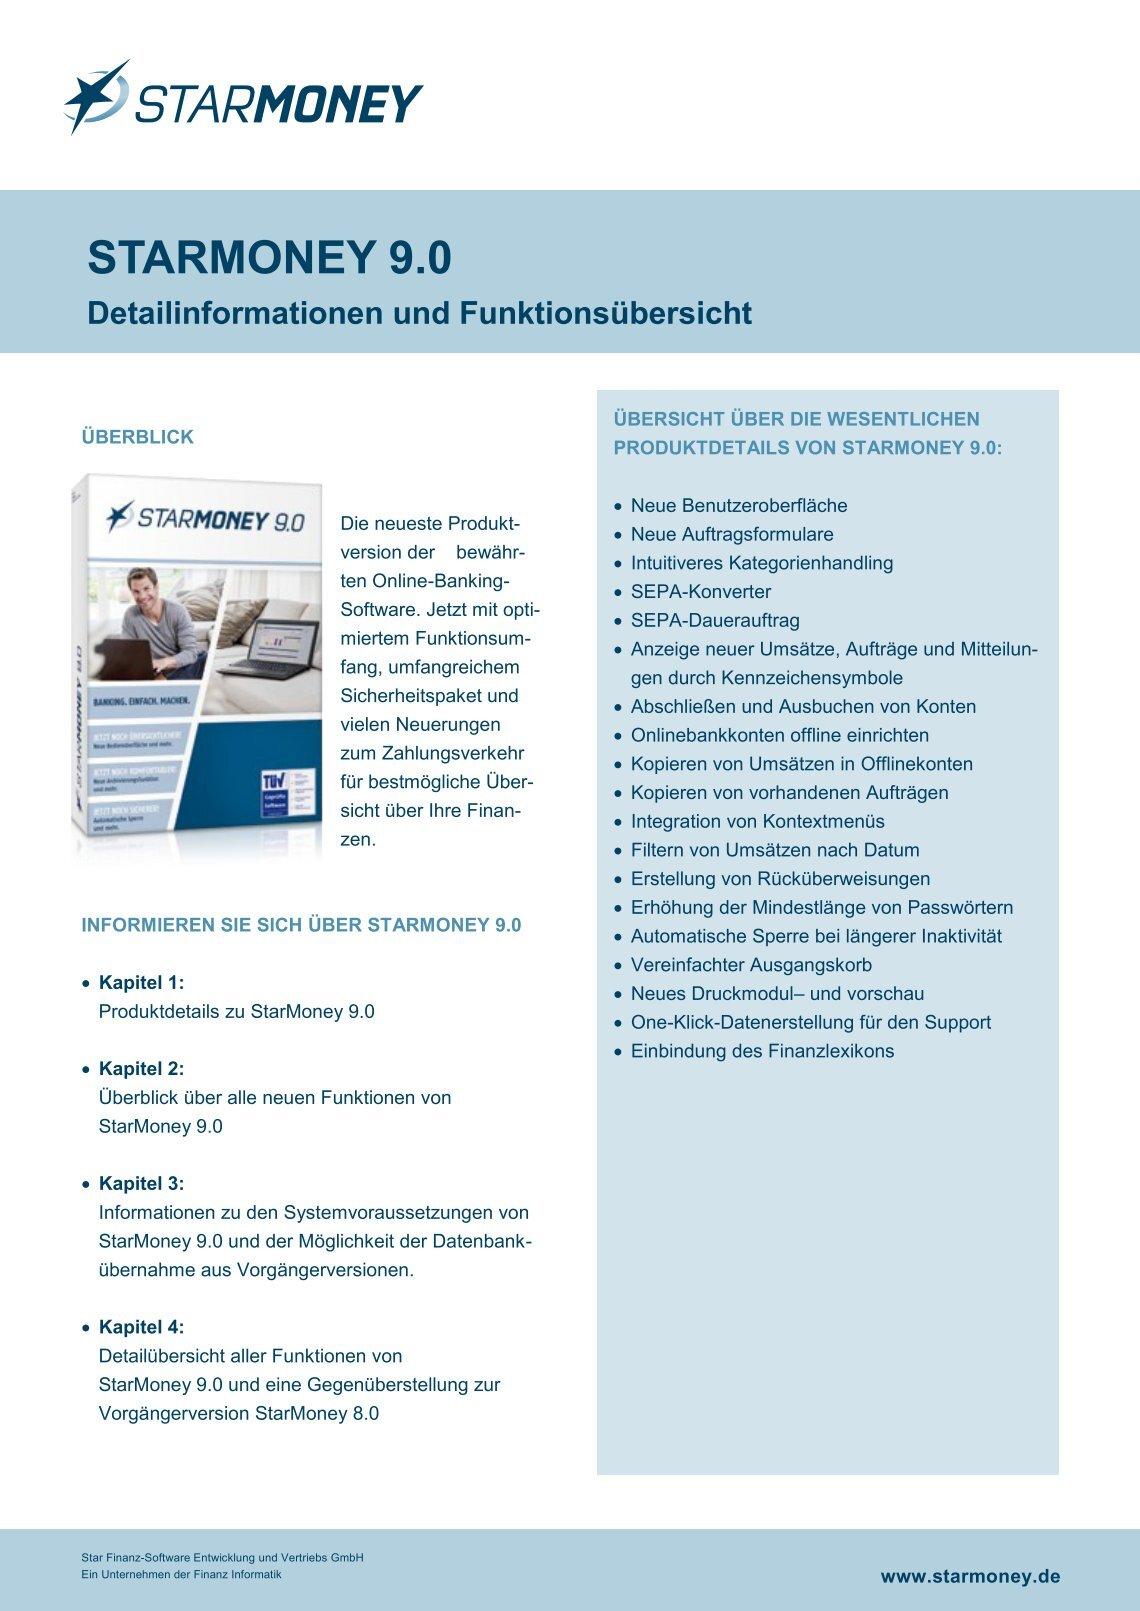 Download Starmoney 9.0